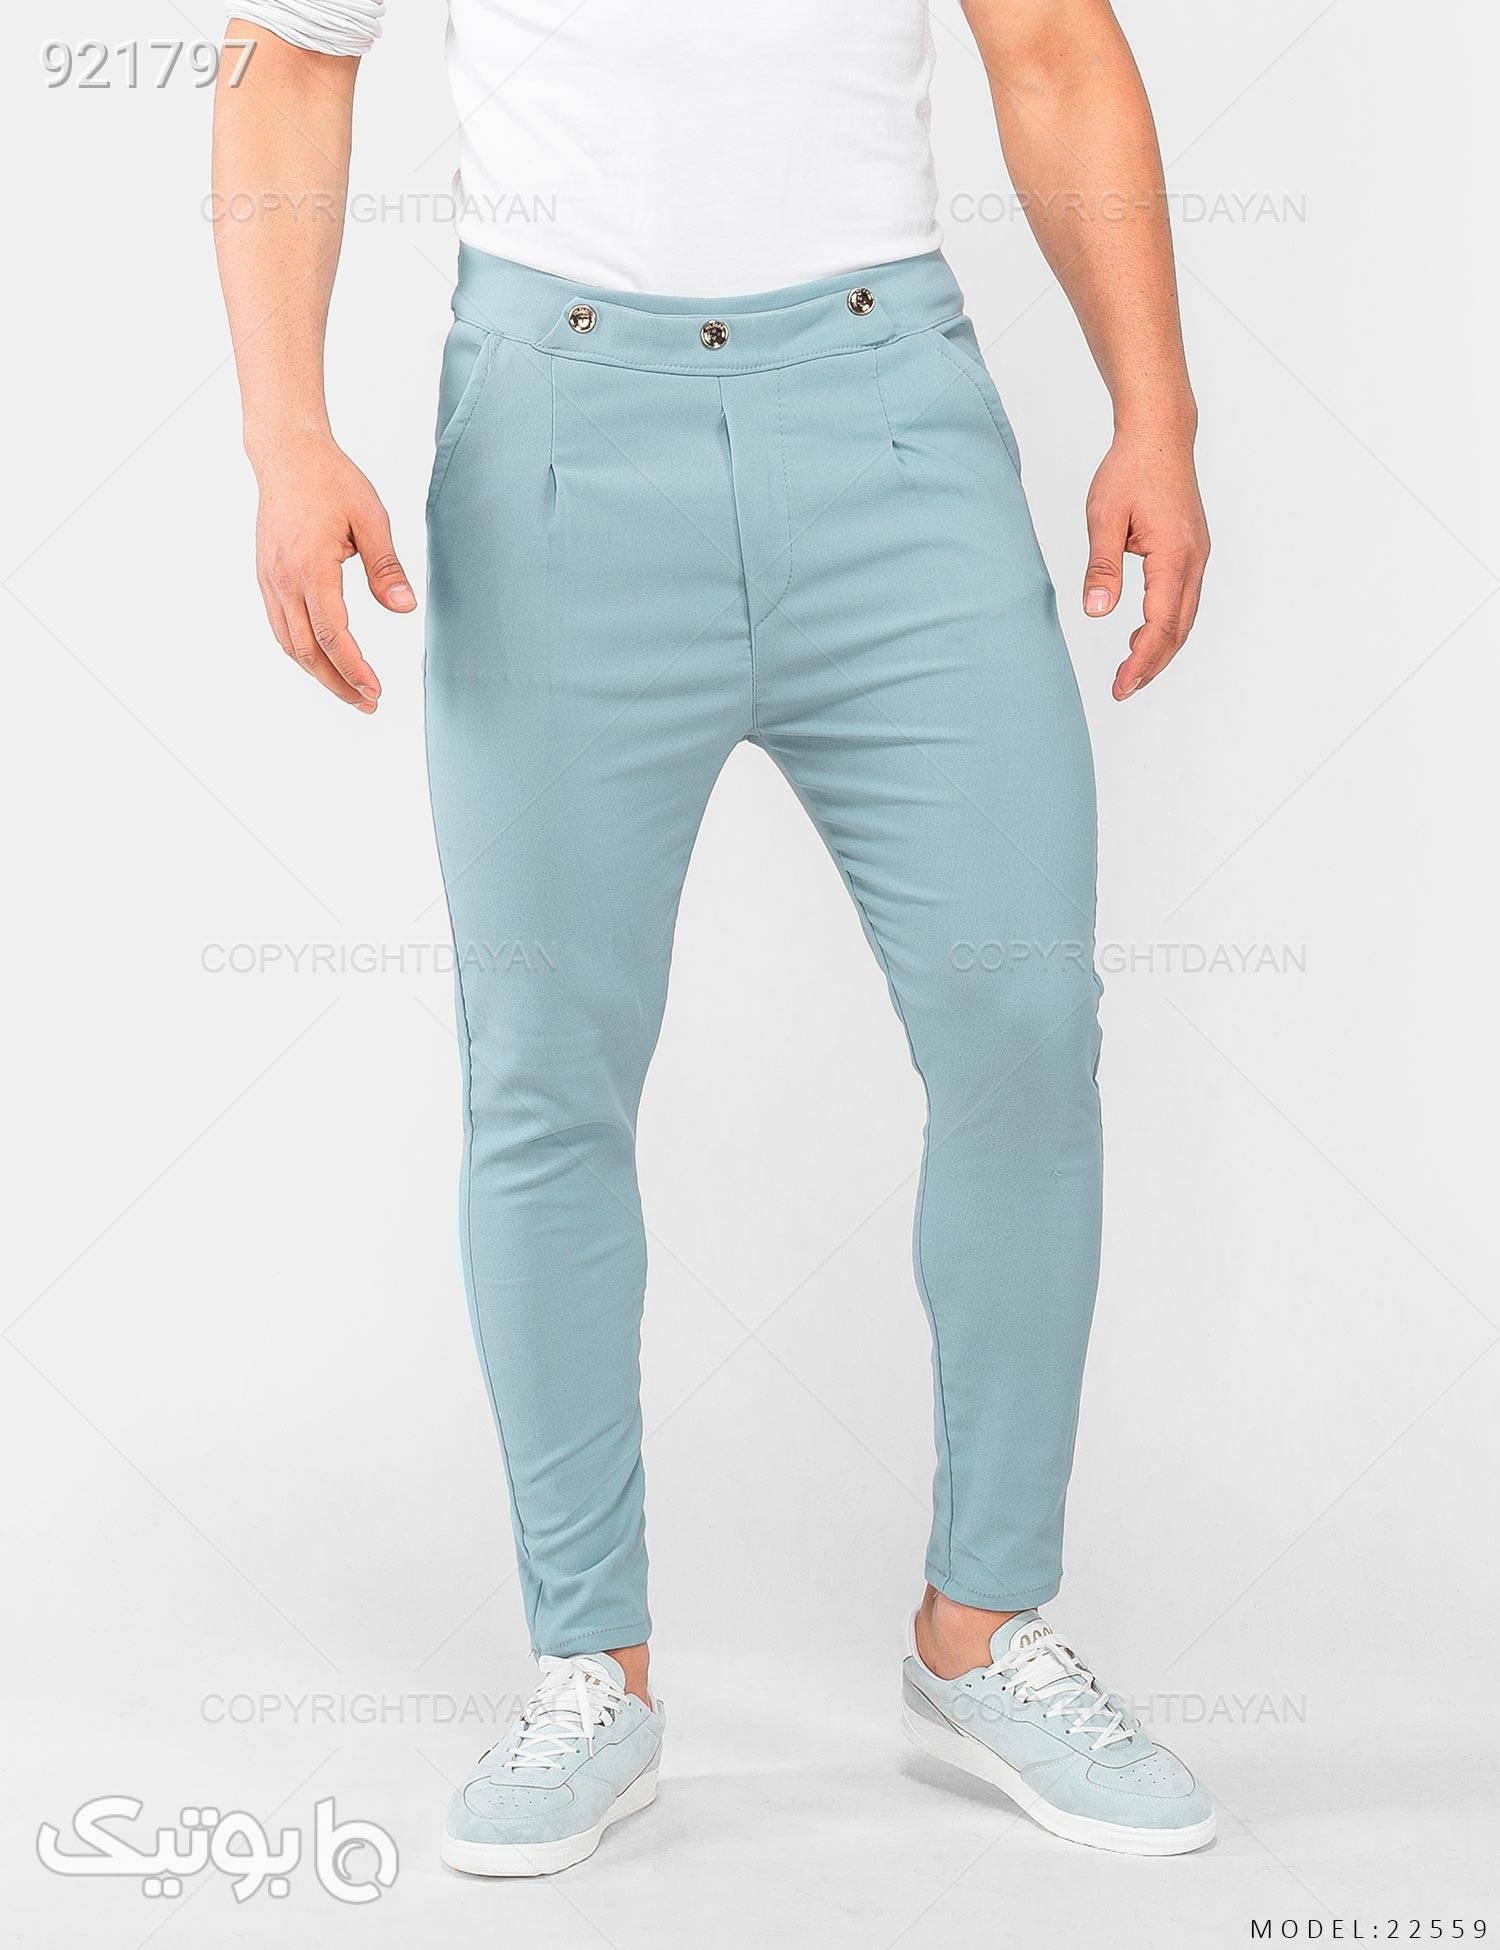 شلوار مردانه Zima مدل 22559 فیروزه ای شلوار جین مردانه